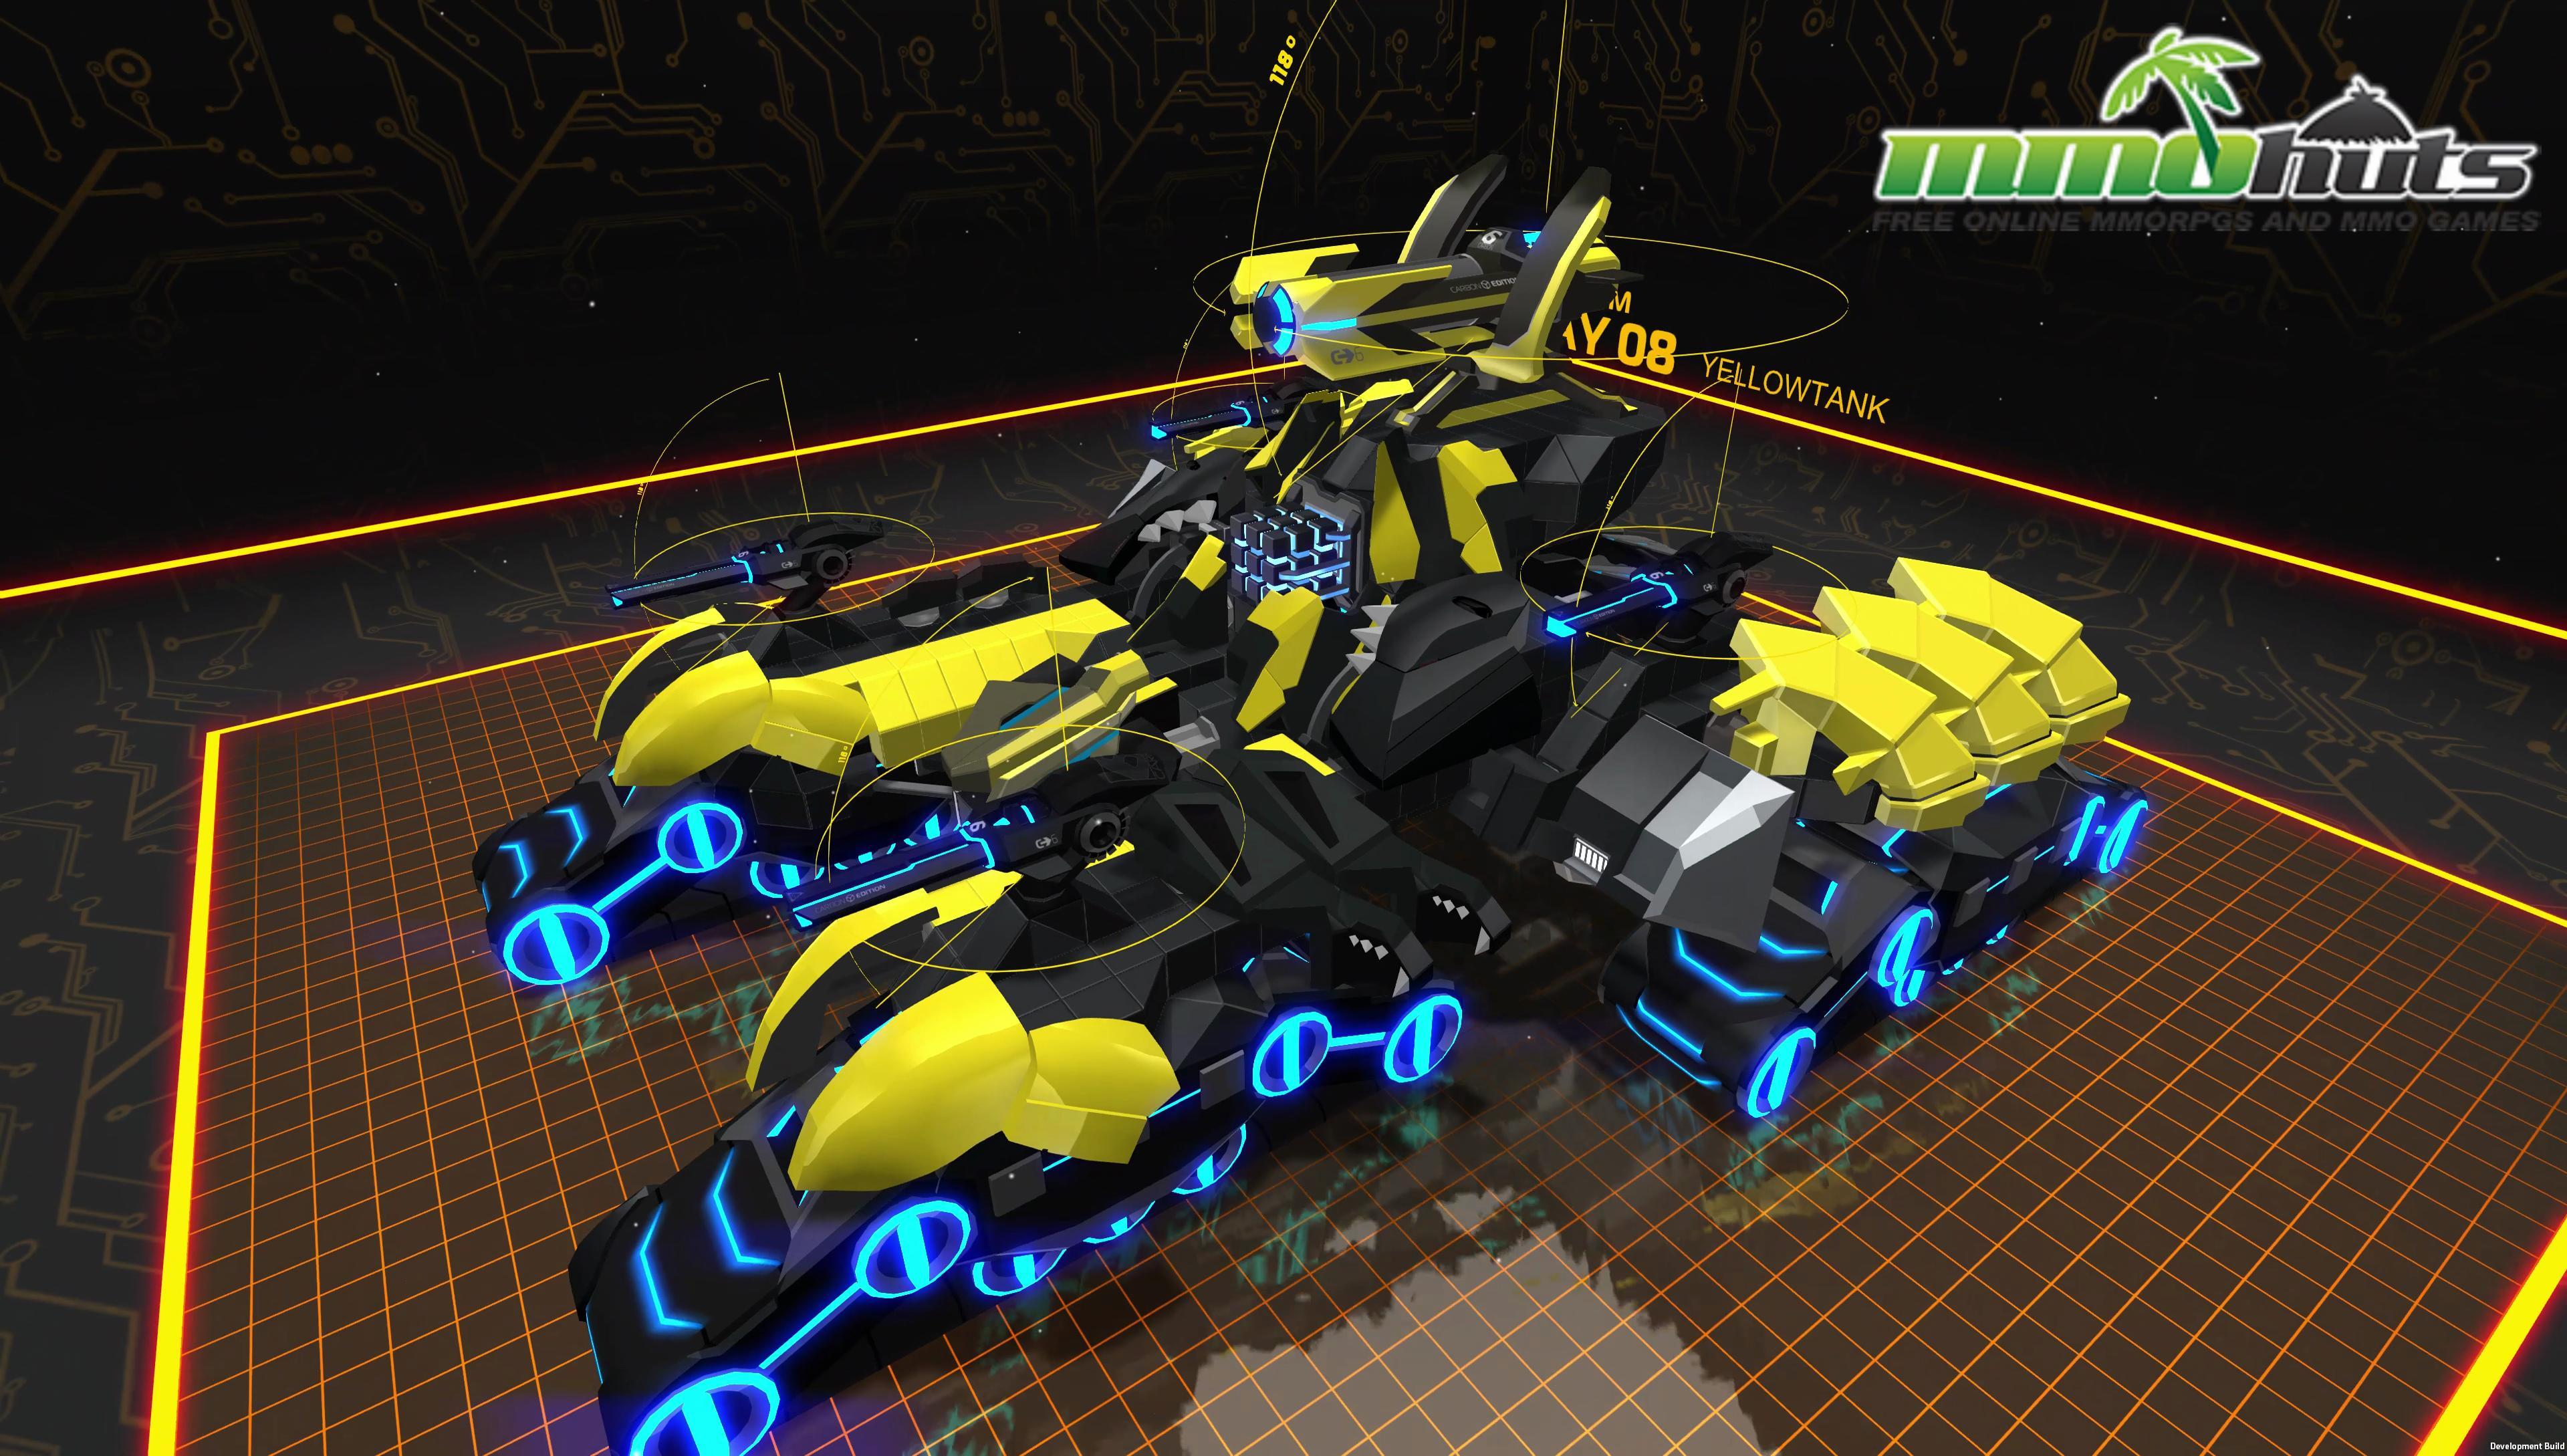 Robocraft Infinity Mmohuts